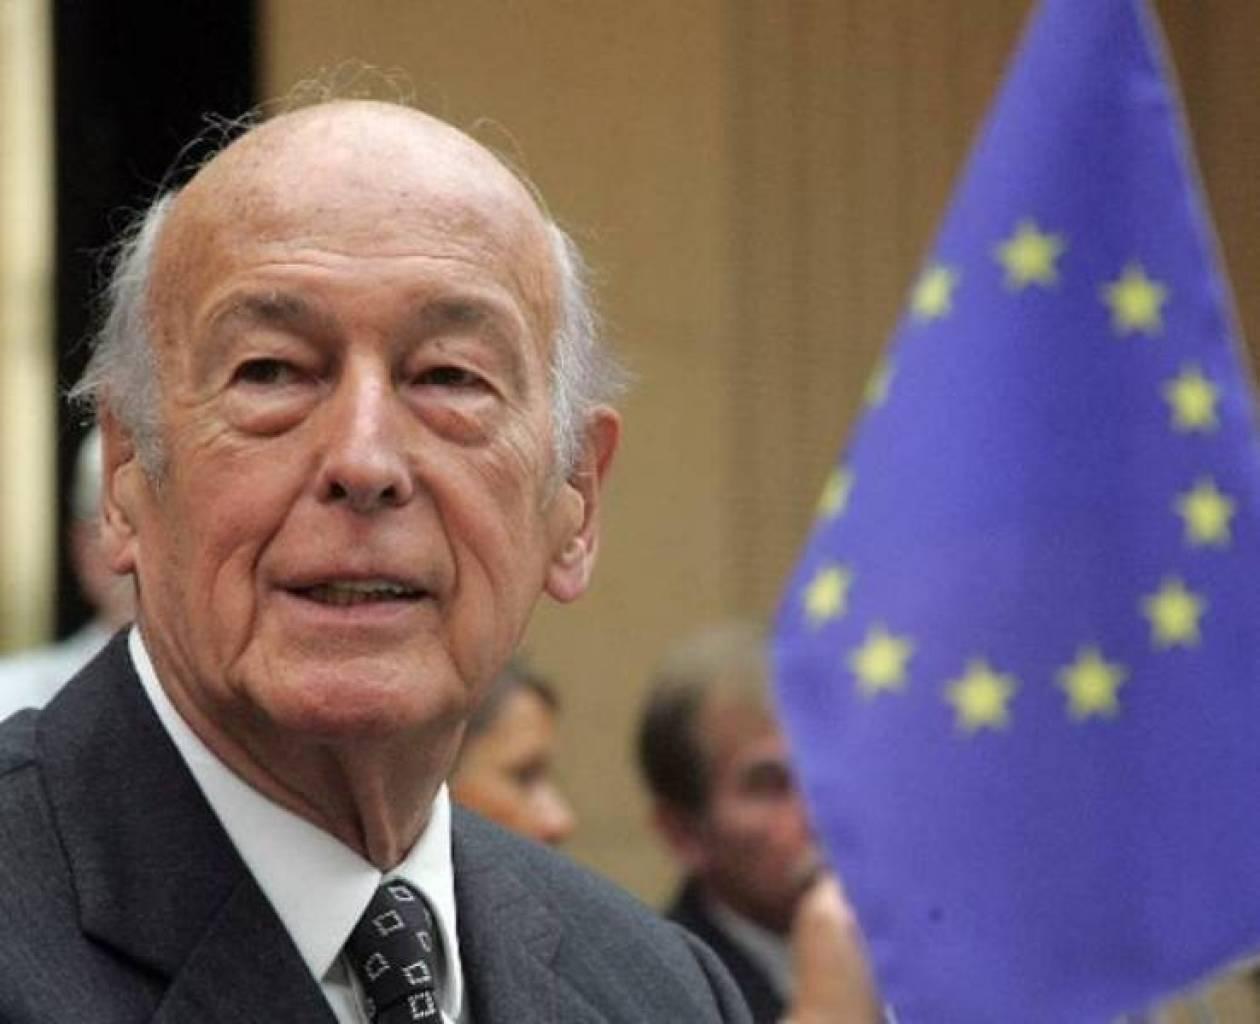 Ζισκάρ ντ'Εστέν: Λάθος η ένταξη της Ελλάδας στο ευρώ